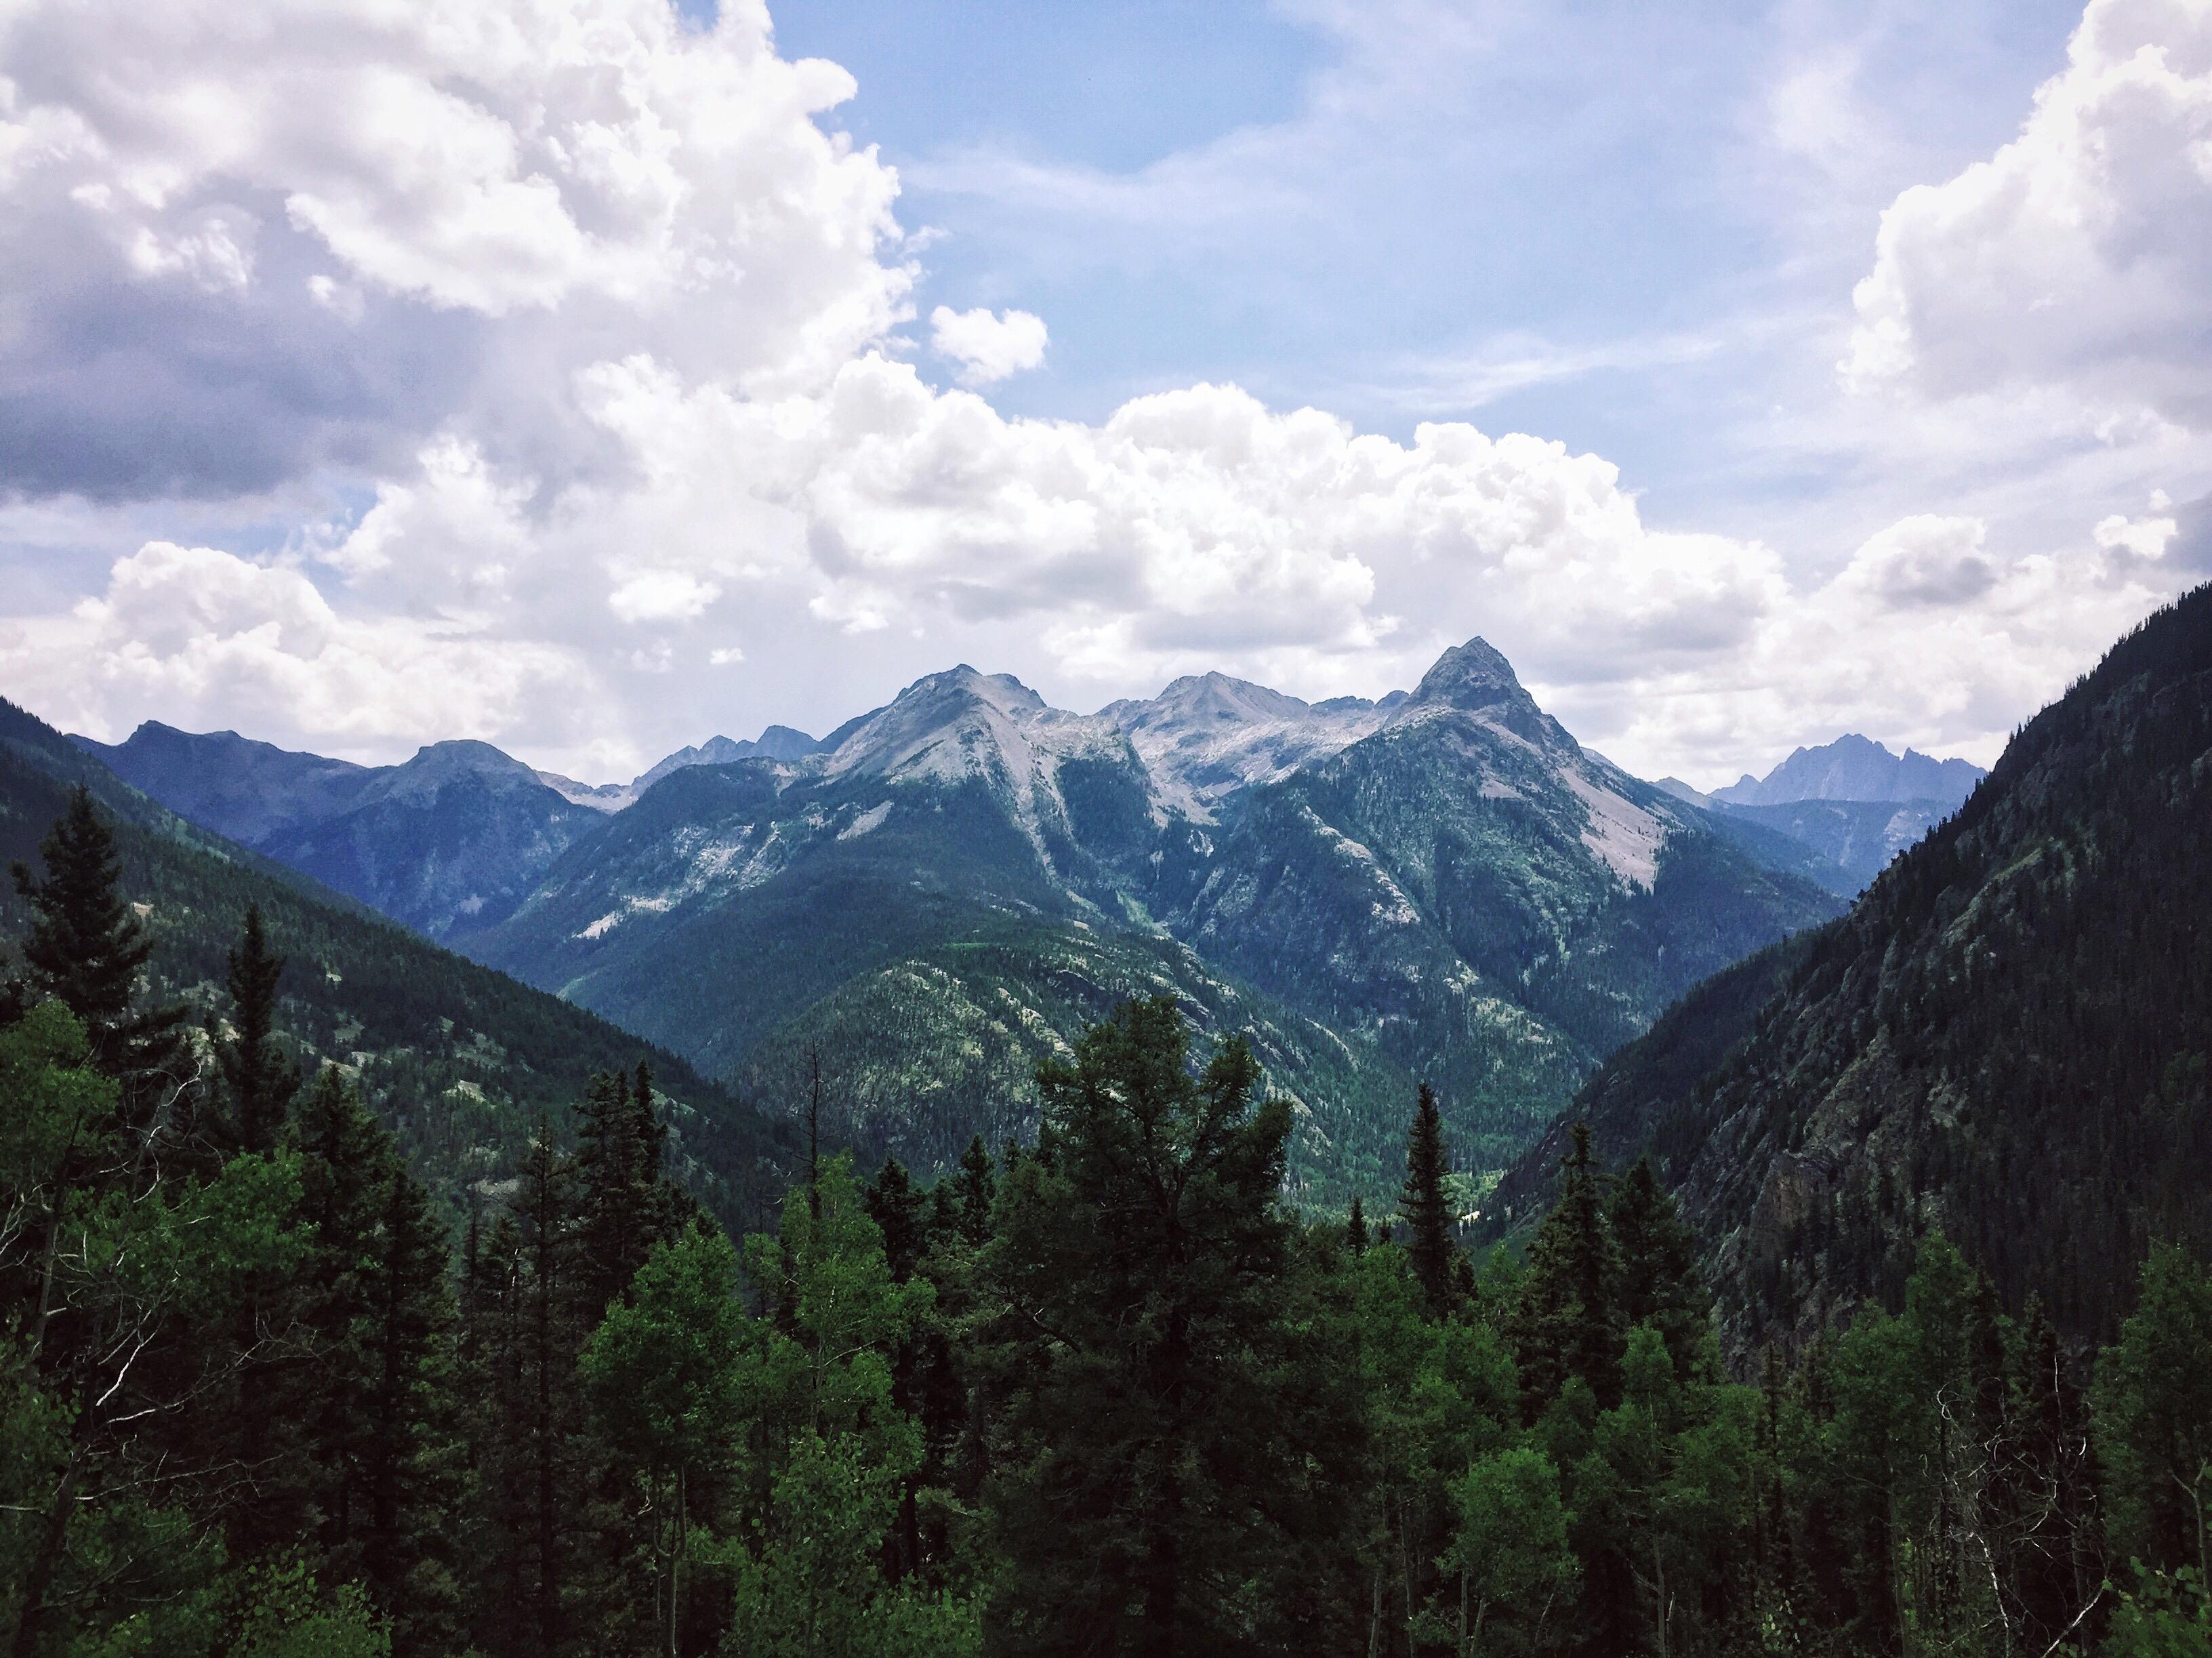 San-Juan-Mountains-Colorado